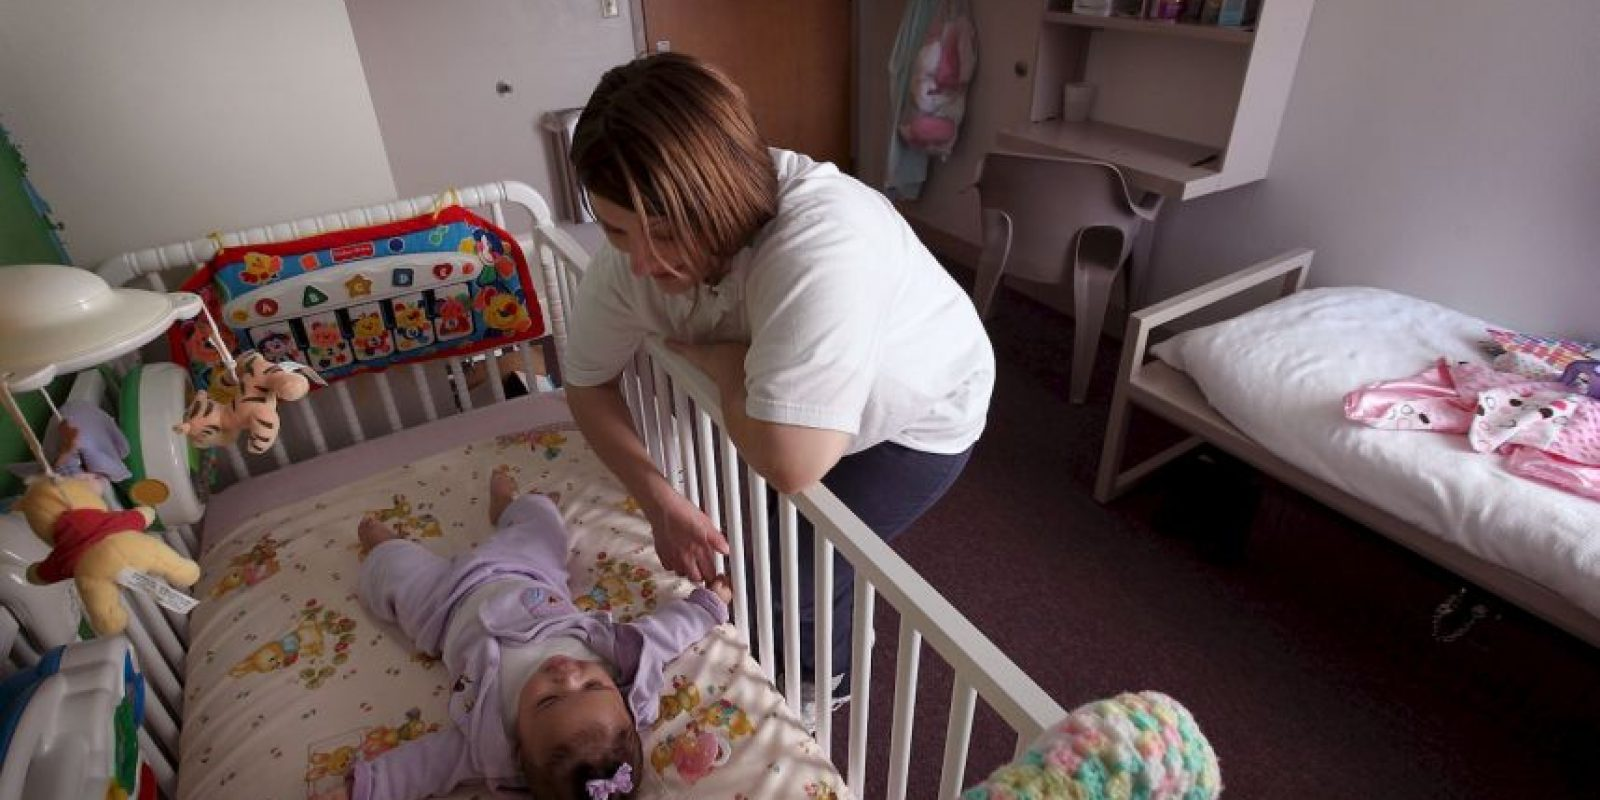 Los síntomas generalmente empiezan de 1 a 3 días después del nacimiento o pueden tardar hasta una semana en aparecer. Foto:Getty Images